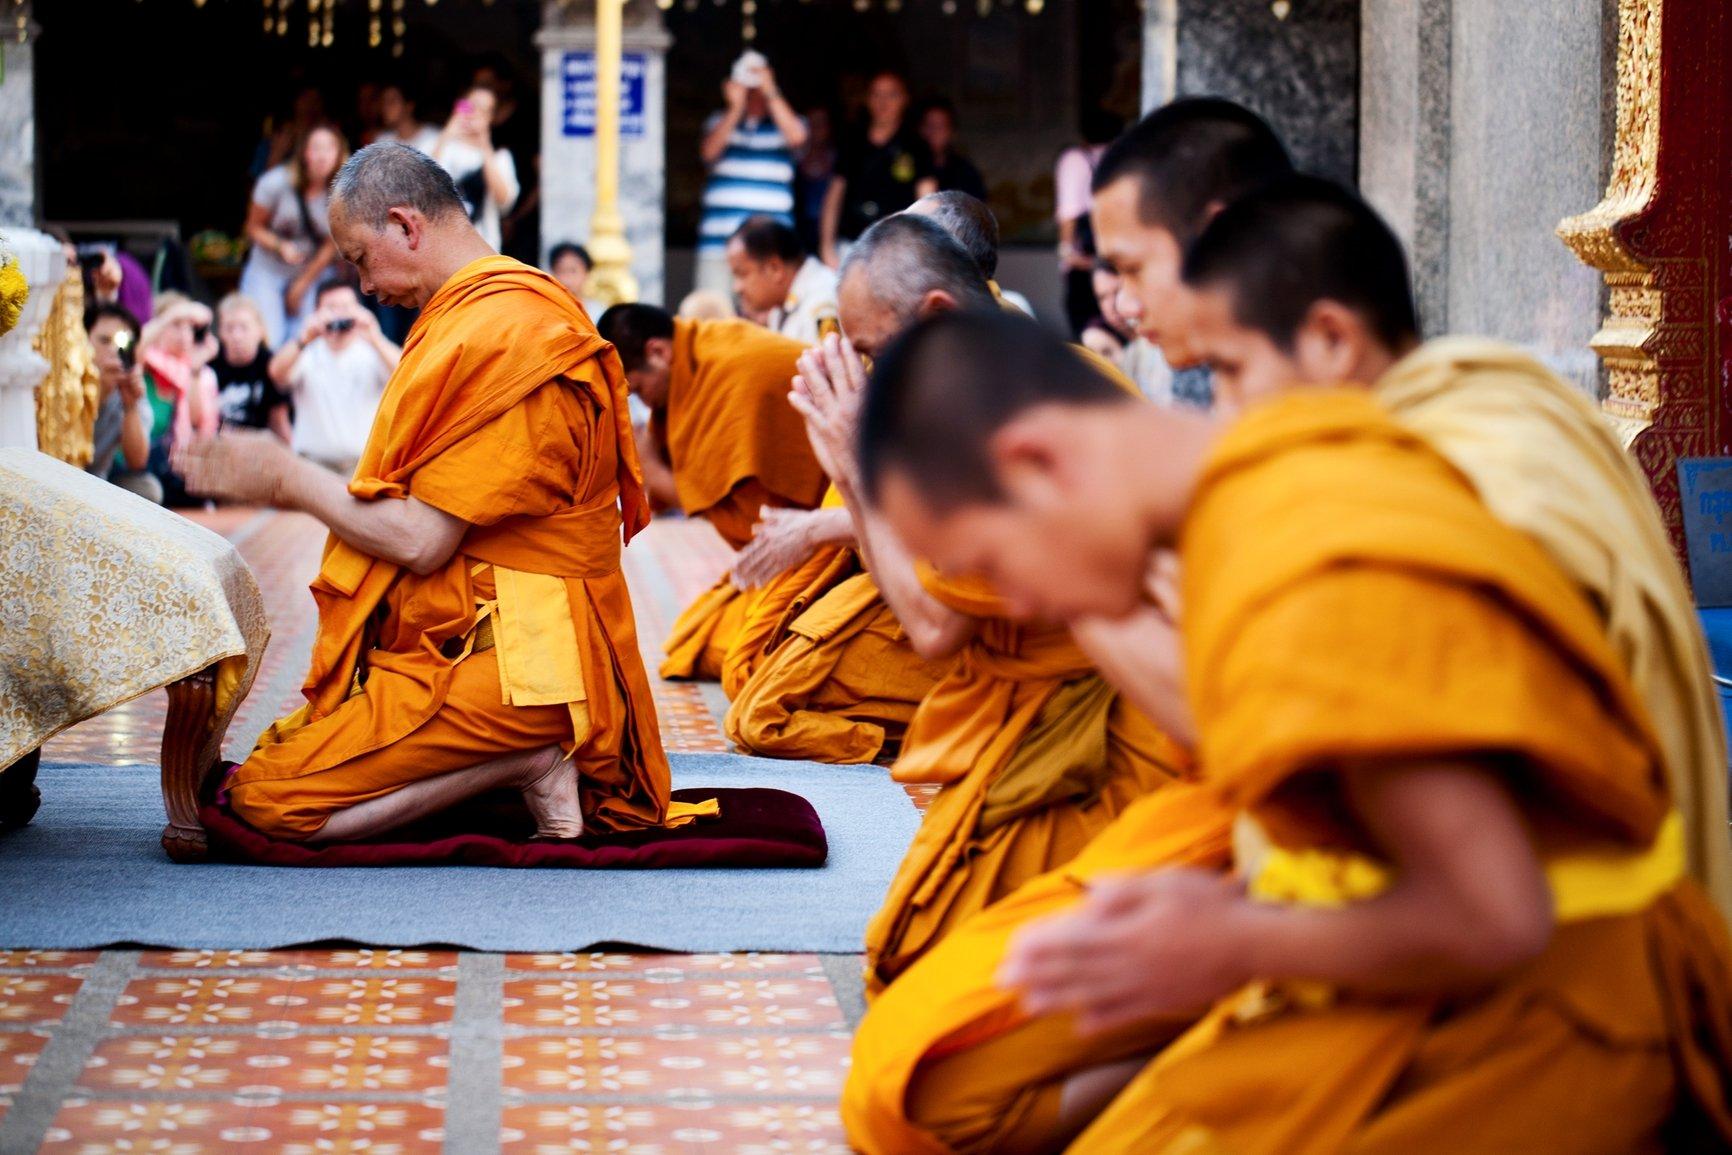 Monks 9100142 m